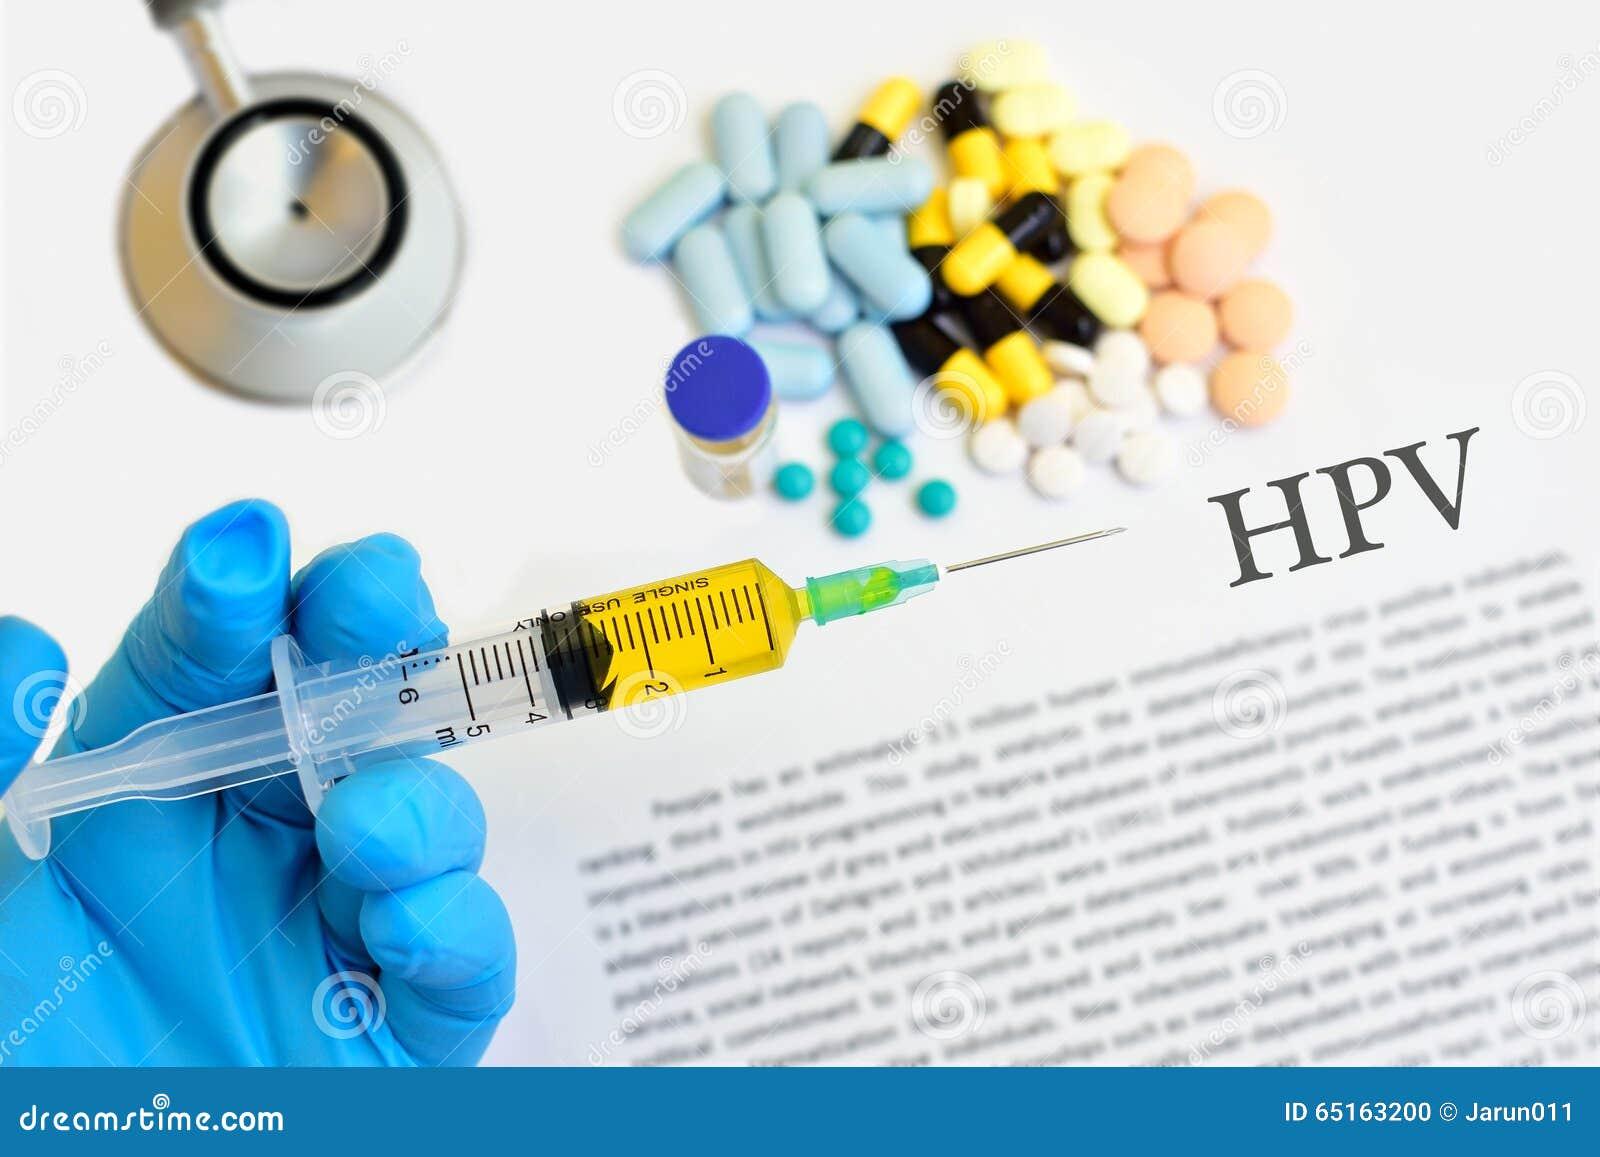 traitement papillomavirus humain